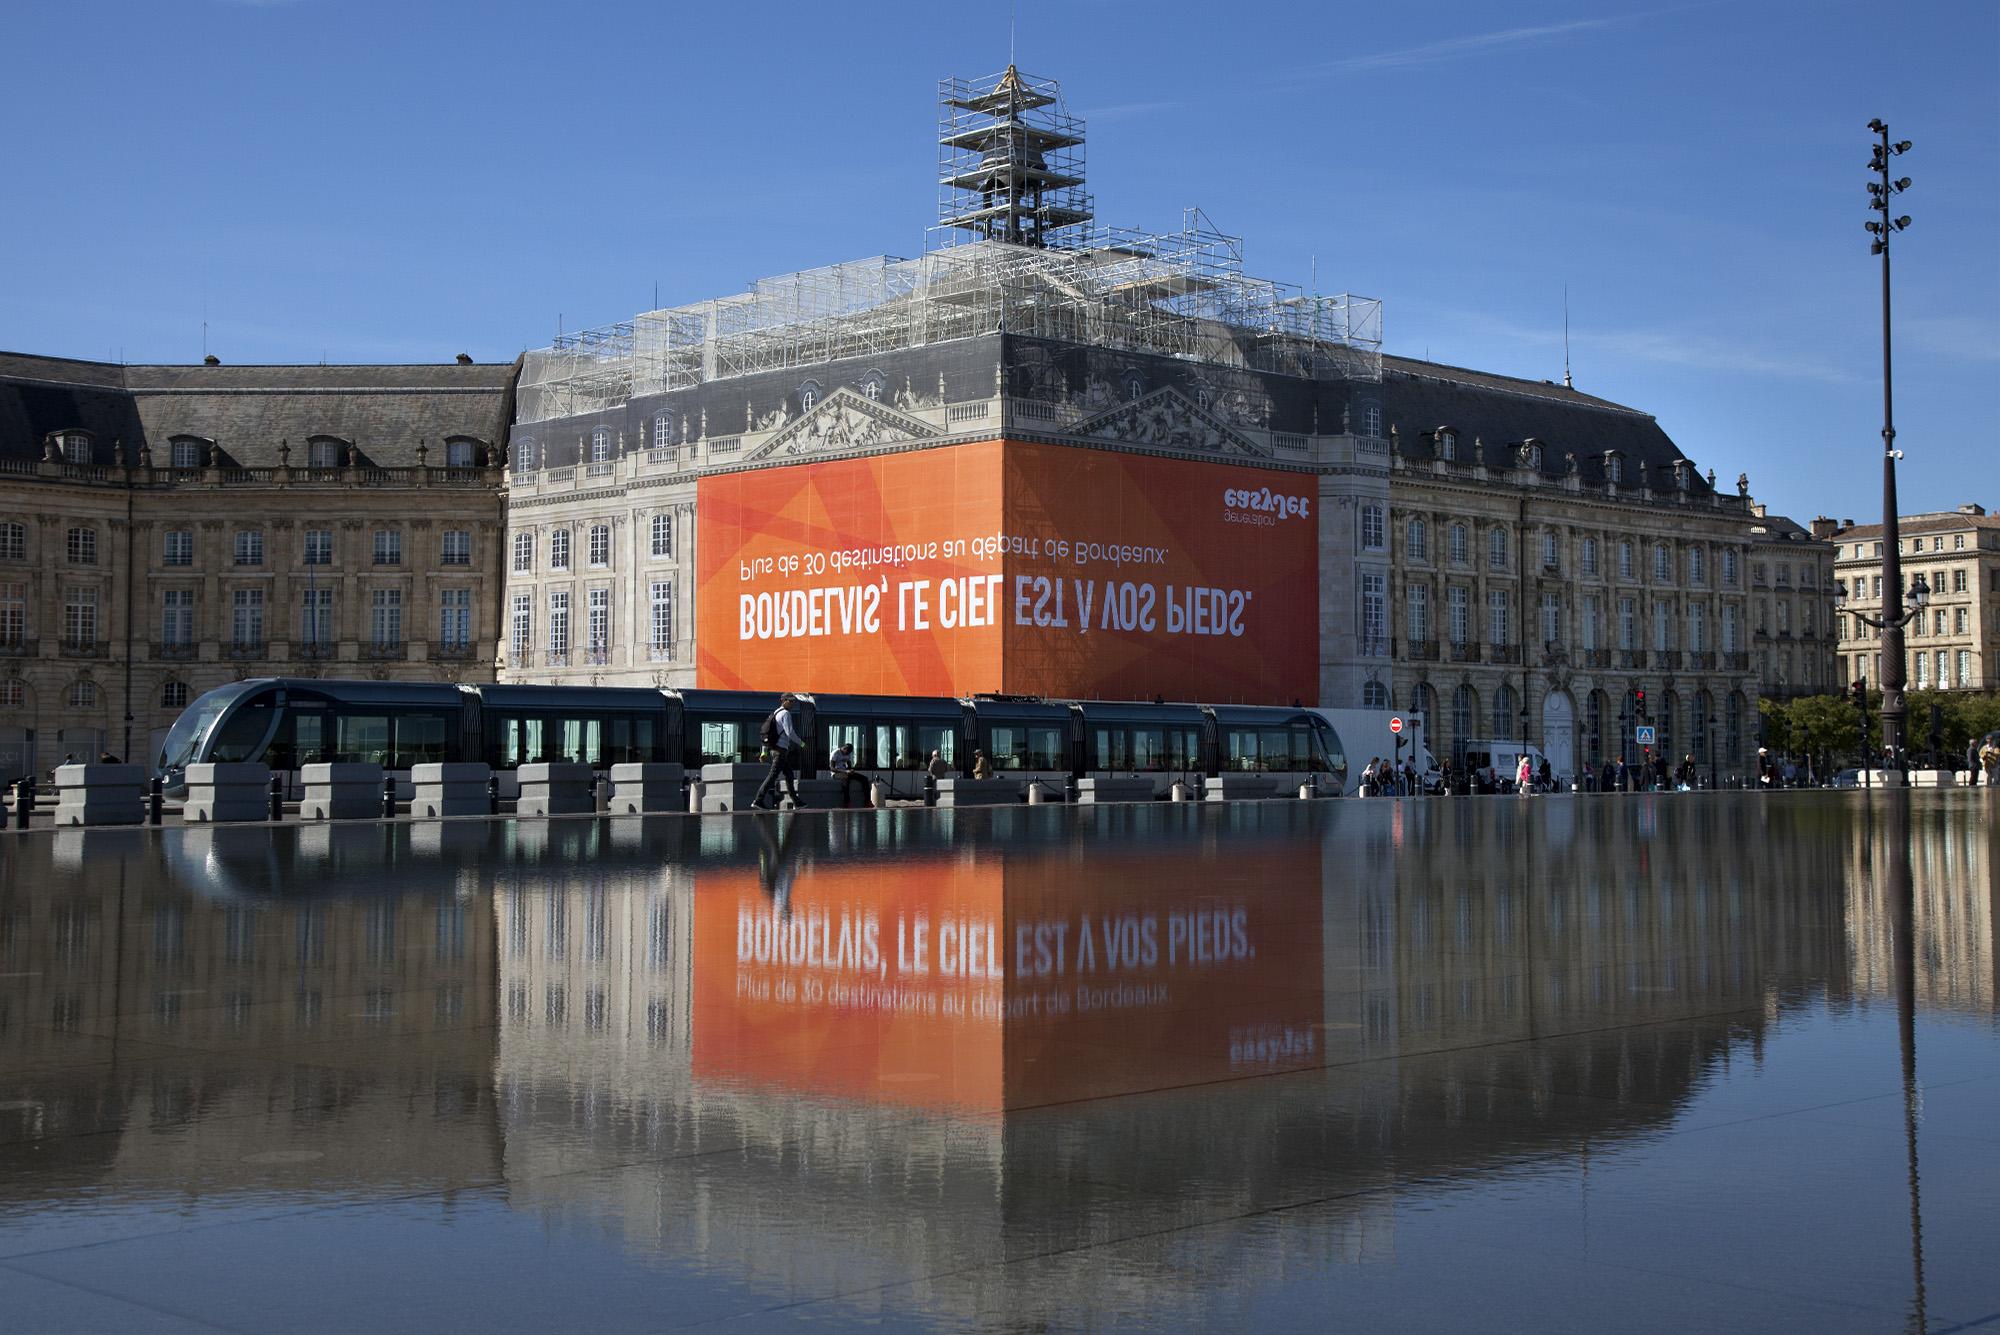 easyjet-bordeaux-publicite-affichage-miroir-eau-bordelais-le-ciel-est-a-vos-pieds-buzzman